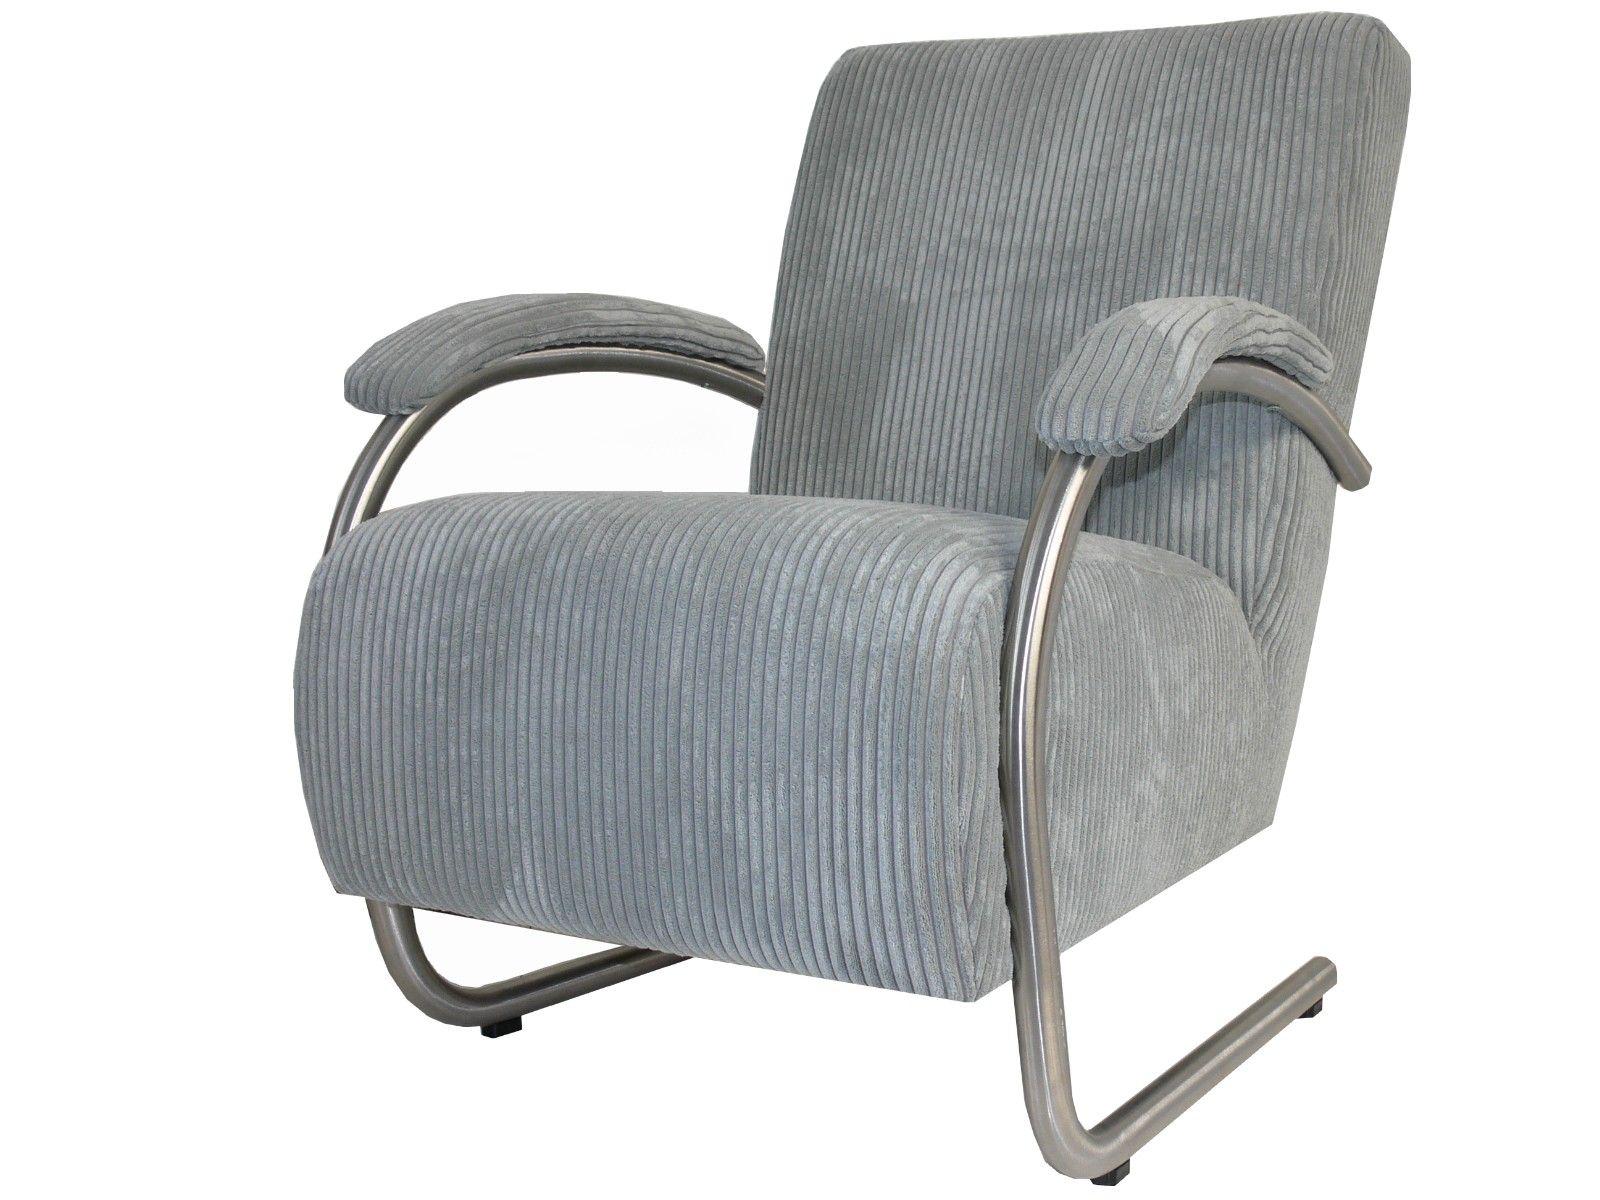 Moderne fauteuil vegas met ronder armleuningen van rvs afgewerkt in